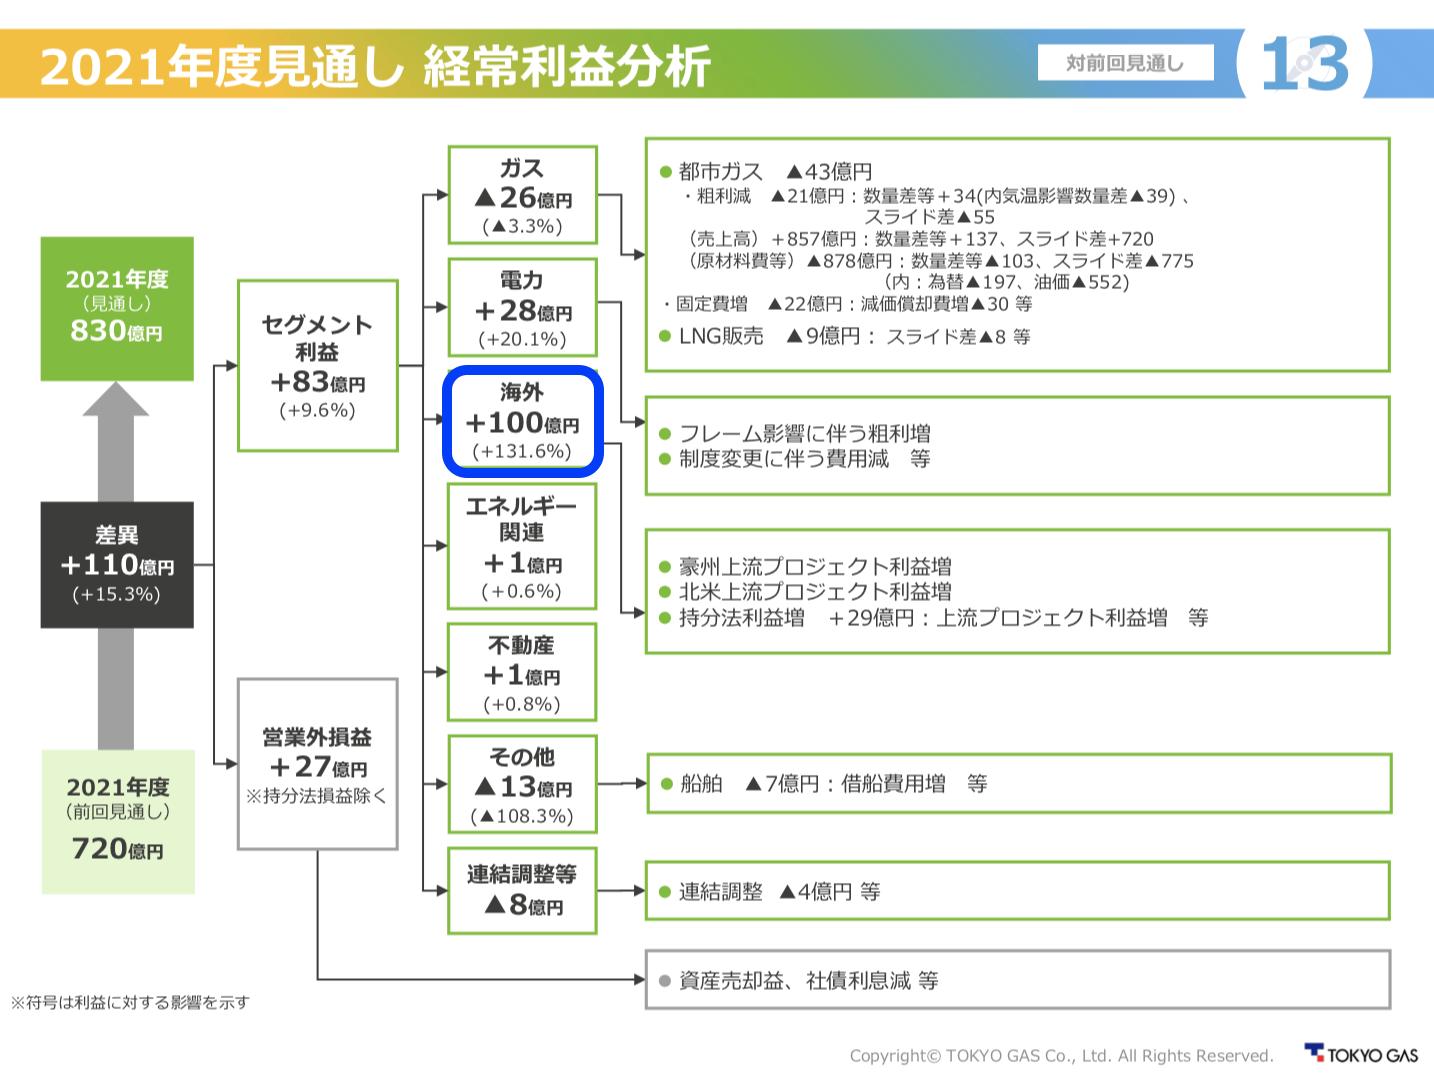 東京ガス 2021年度第1四半期決算を徹底解説! さとり世代の株日記 資産運用 株 投資 資産形成